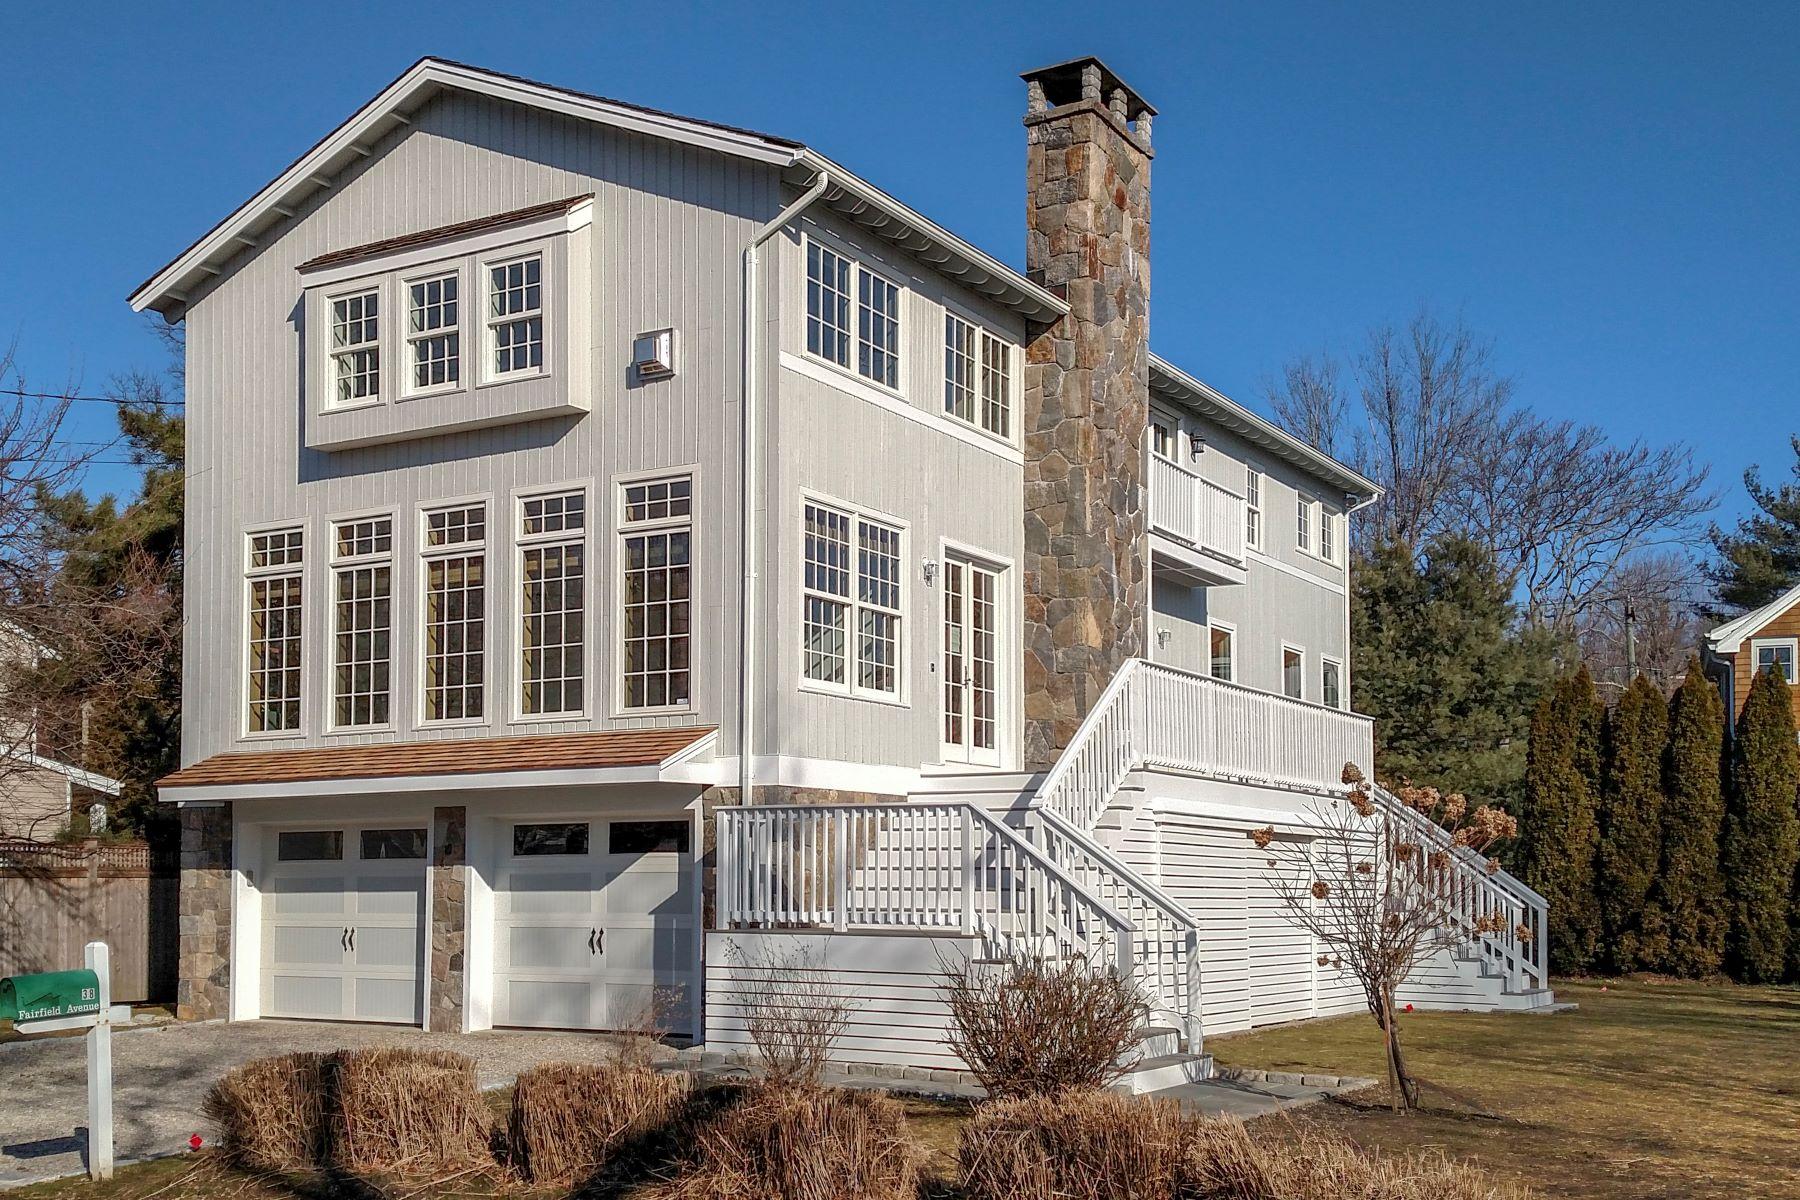 Casa Unifamiliar por un Venta en Compo Chic! 38 Fairfield Avenue Westport, Connecticut 06880 Estados Unidos